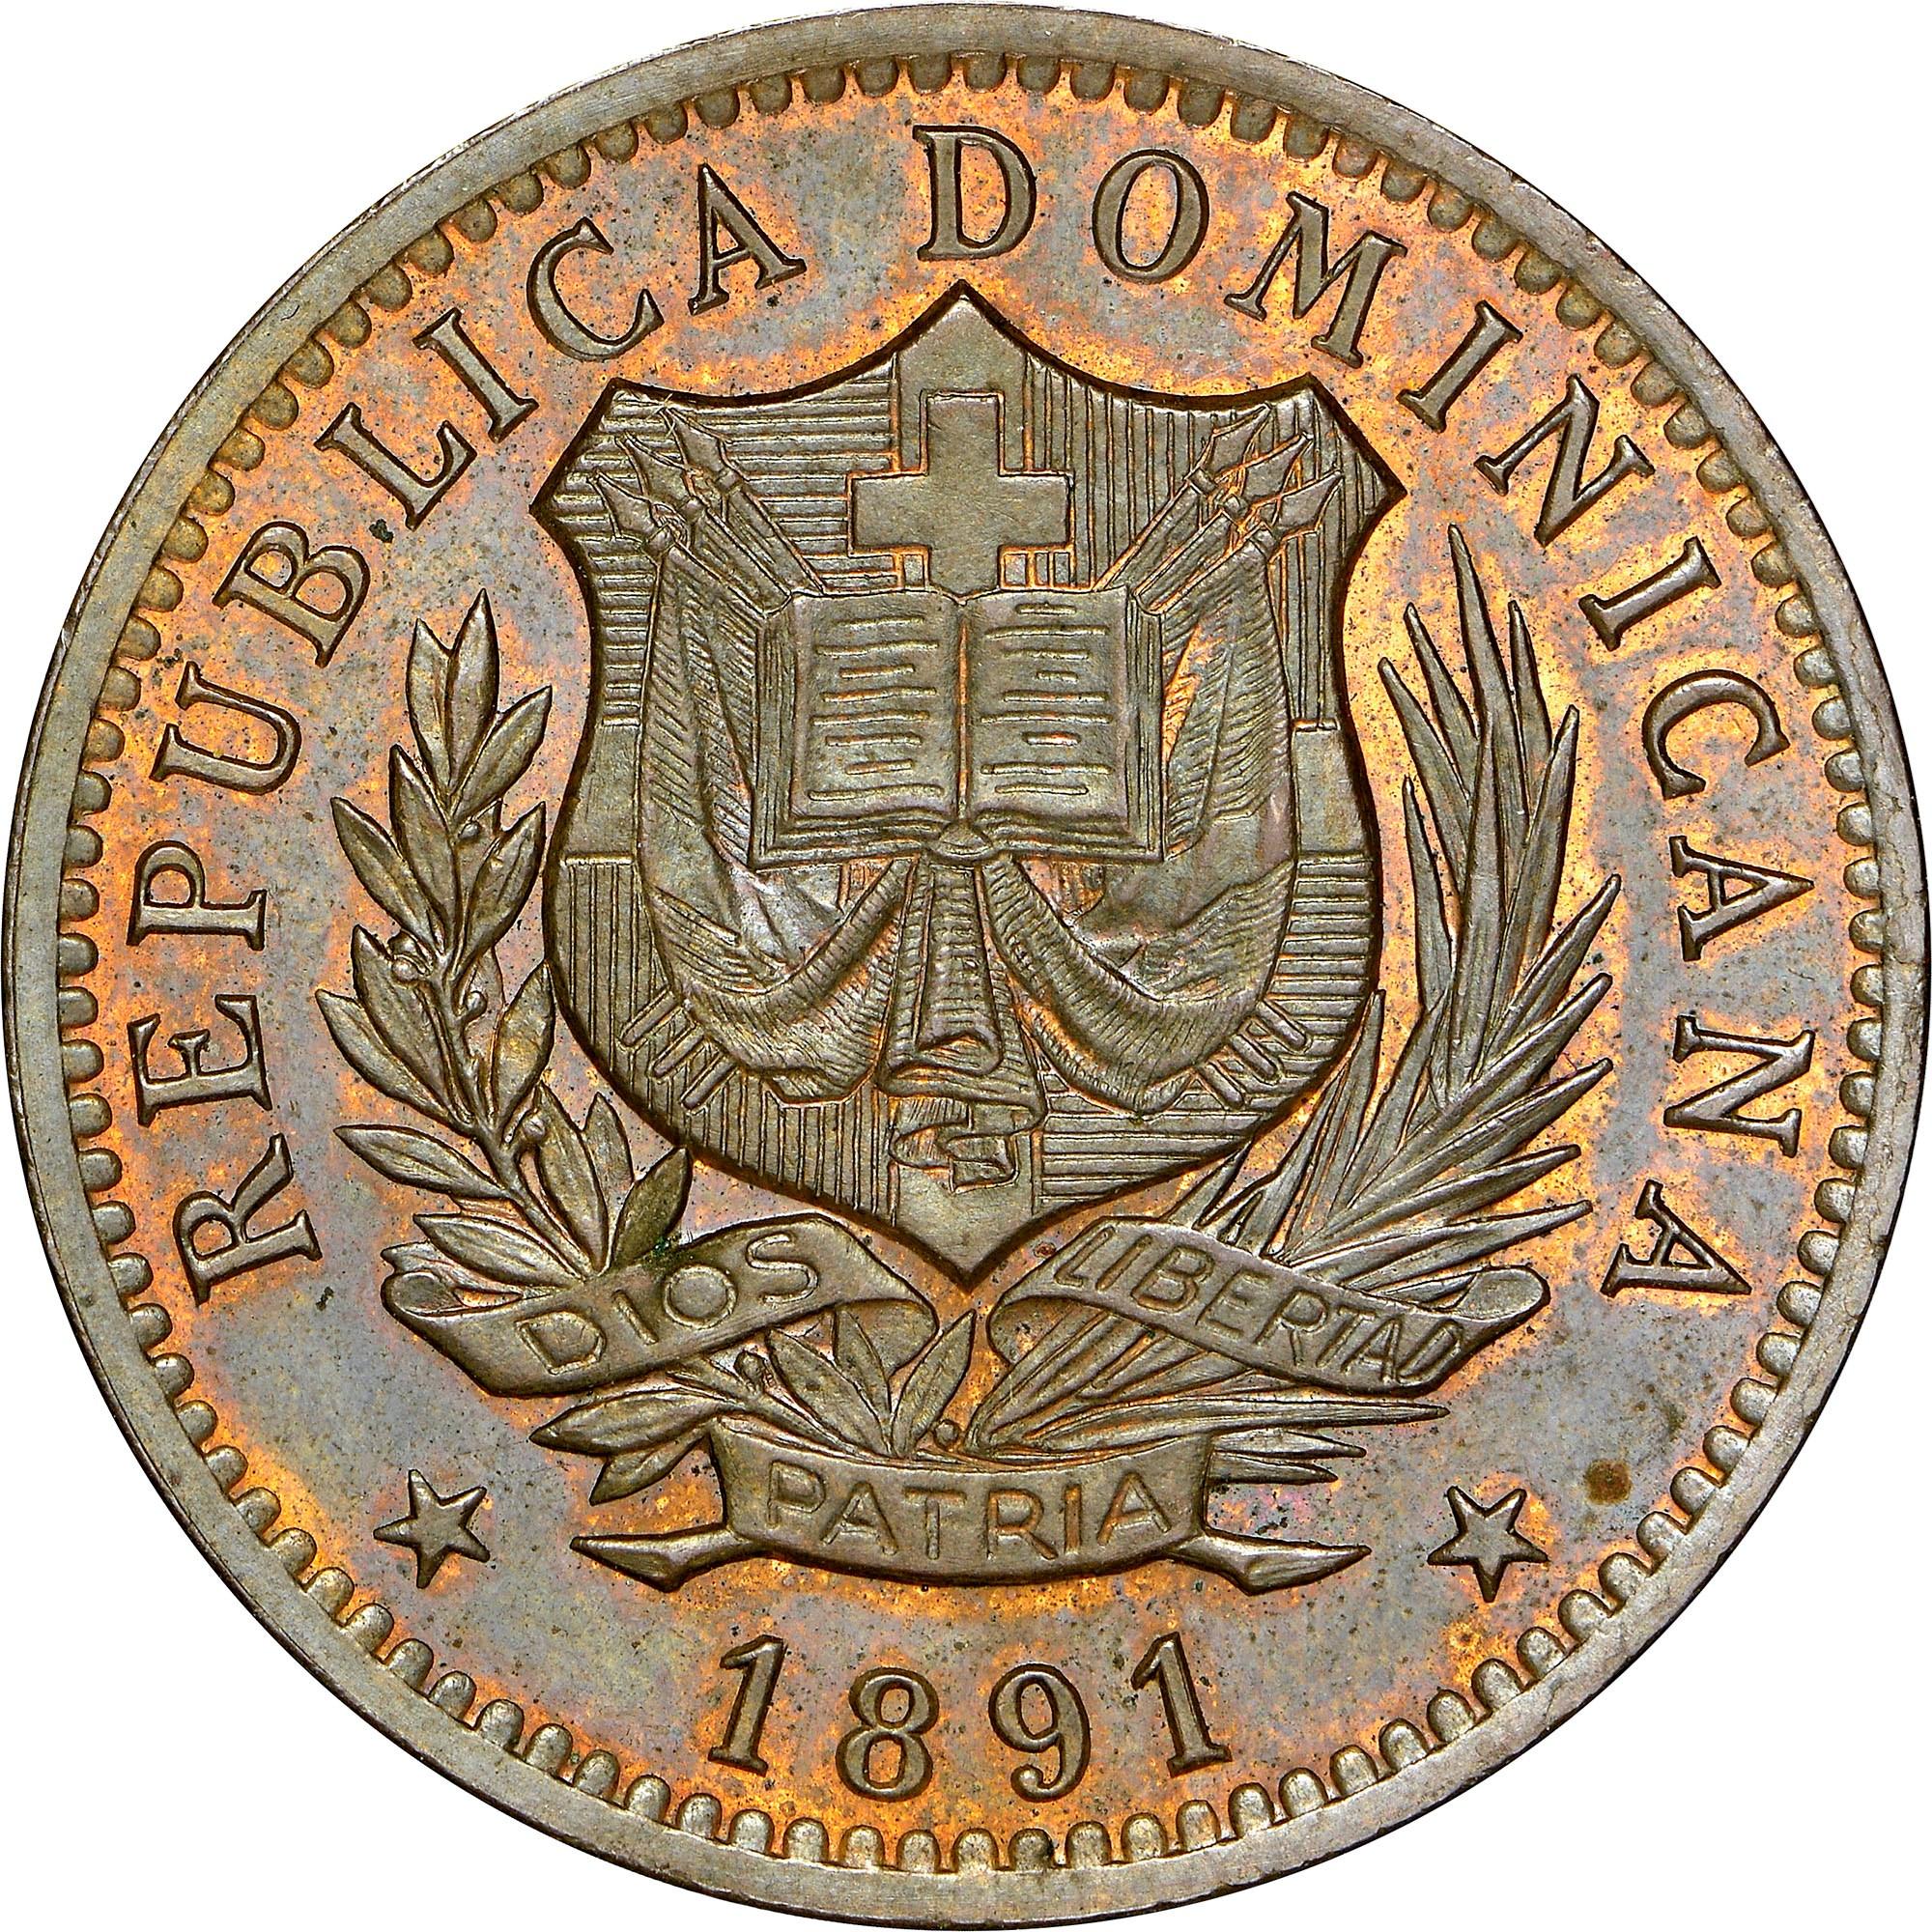 Dominican Republic 10 Centesimos obverse